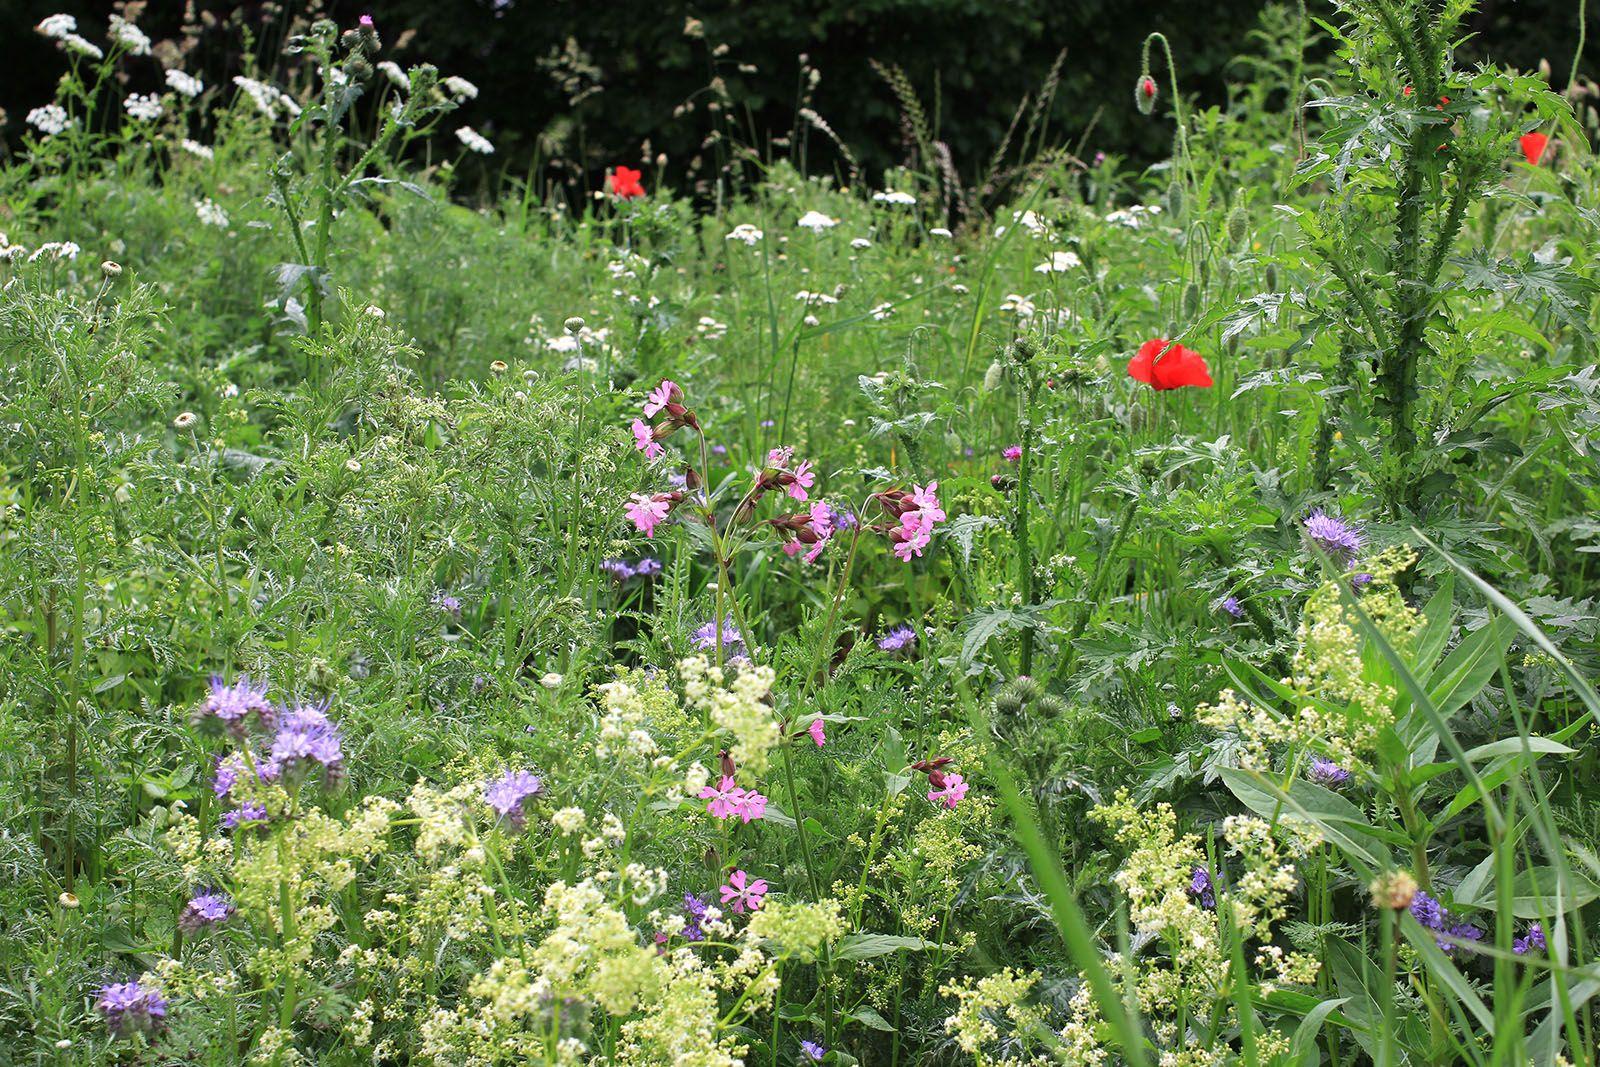 Blumenwiese mit Wiesen-Labkraut, Roter Lichtnelke, Klatsch-Mohn